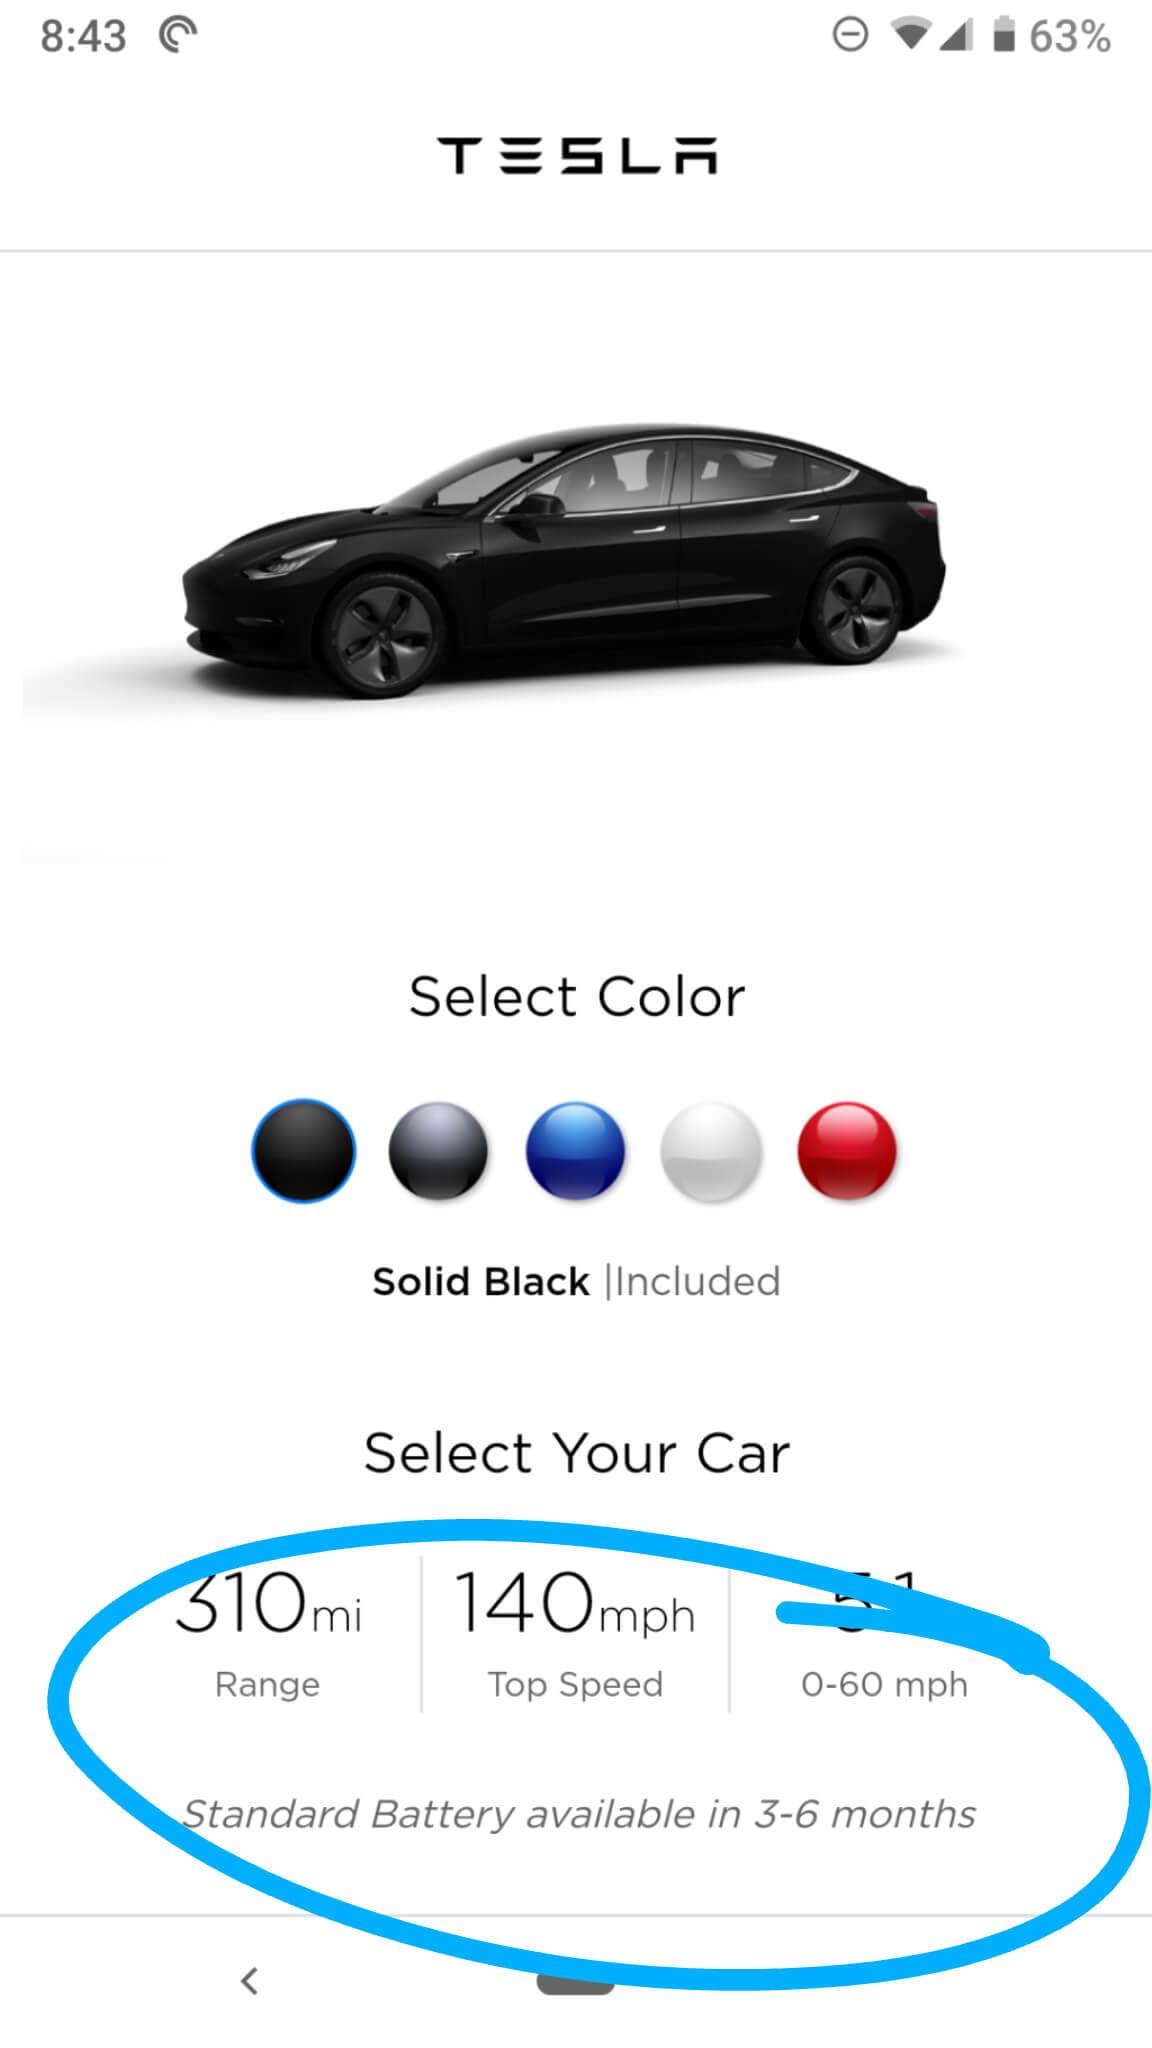 Сроки поставки базовой версии электромобиля Tesla на 1 октября 2018